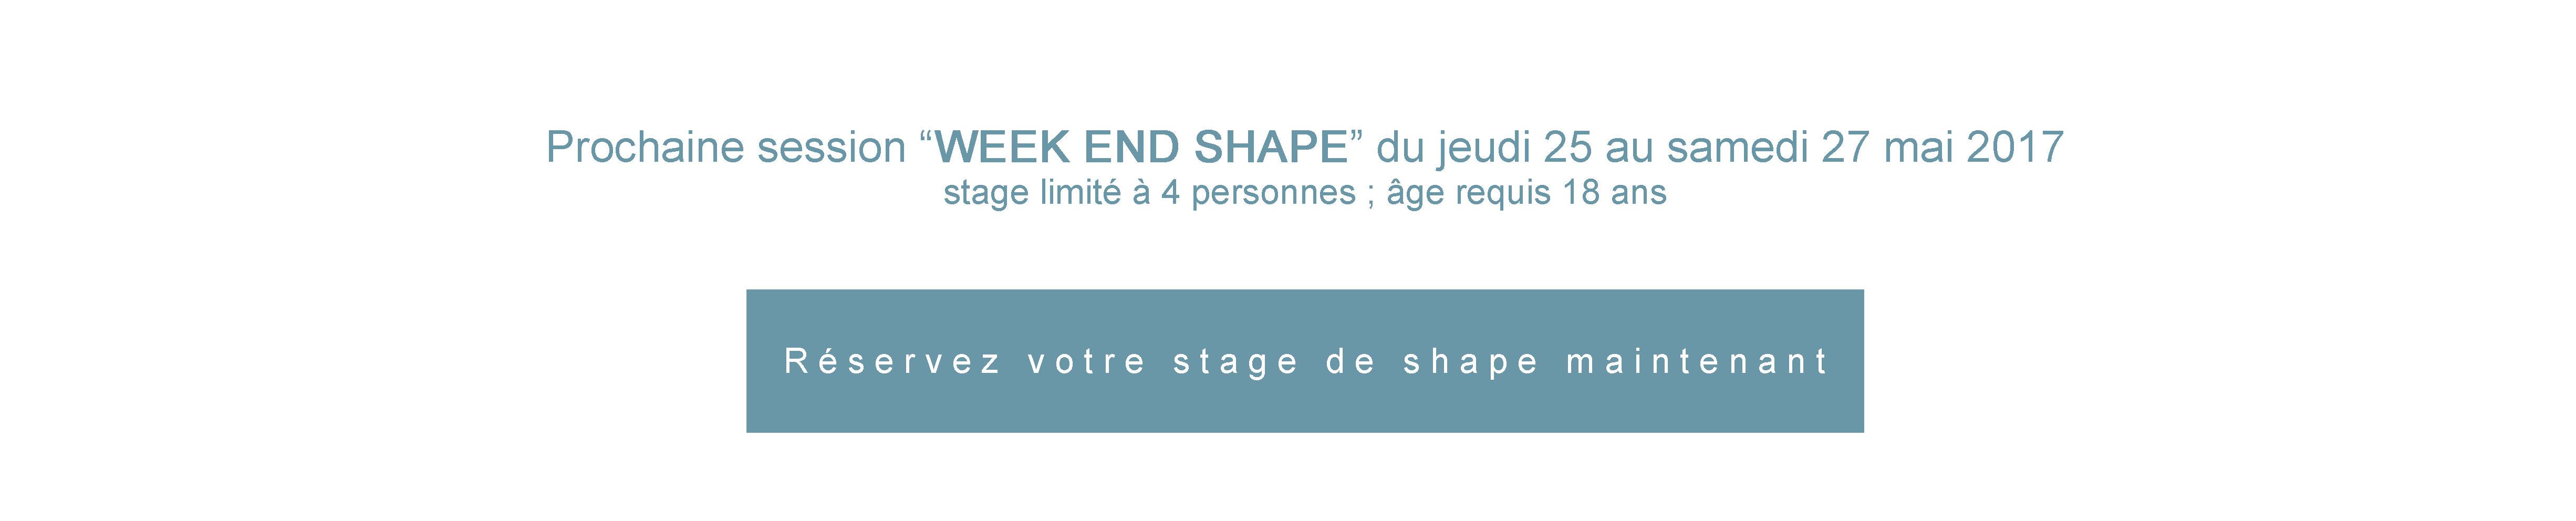 wkshape dates_1.jpg